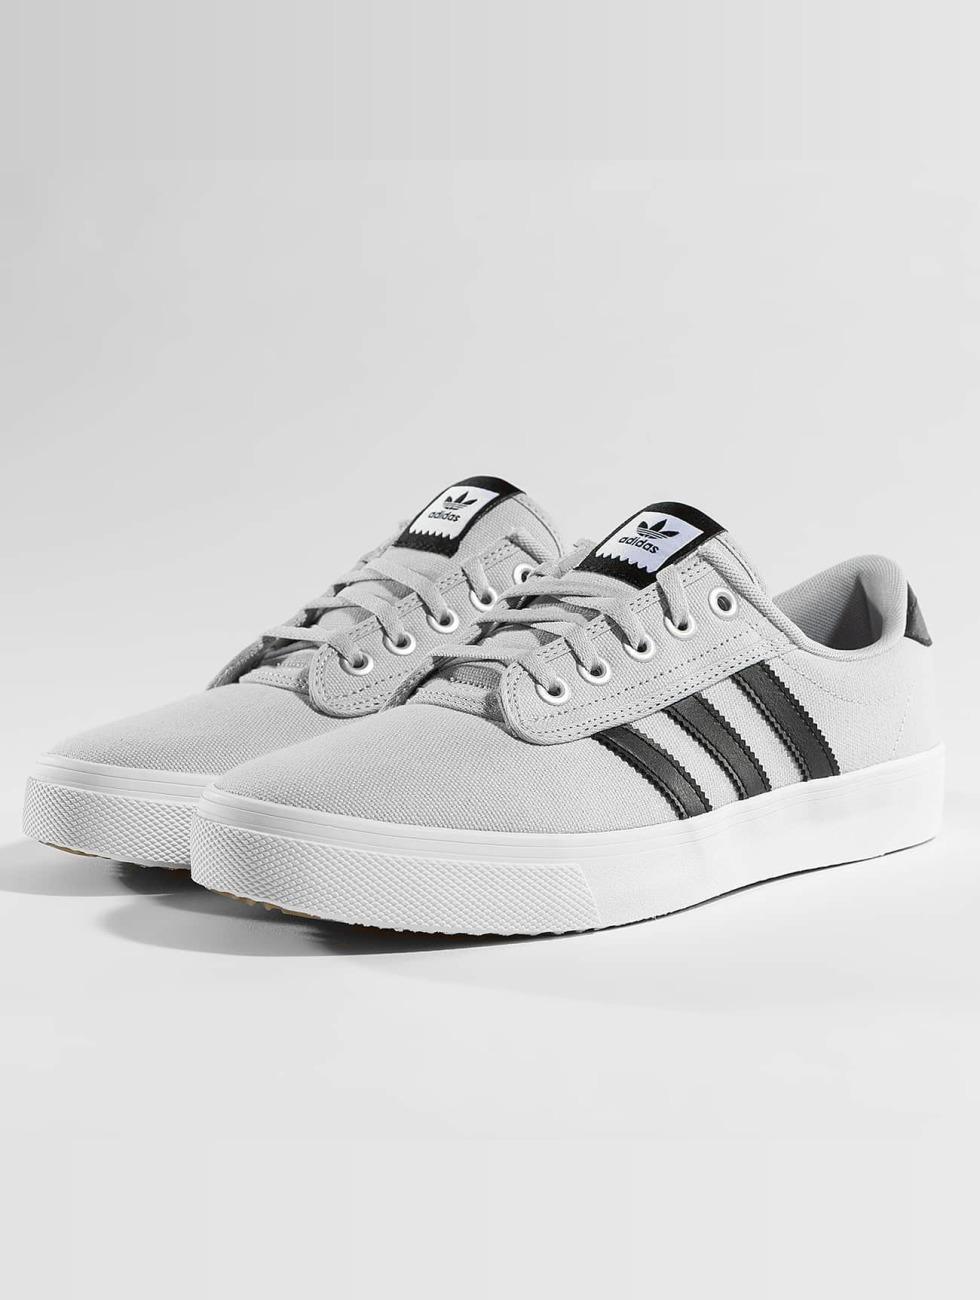 Adidas Originals Scarpa / Sneaker In Grembiule Grigio 401.843